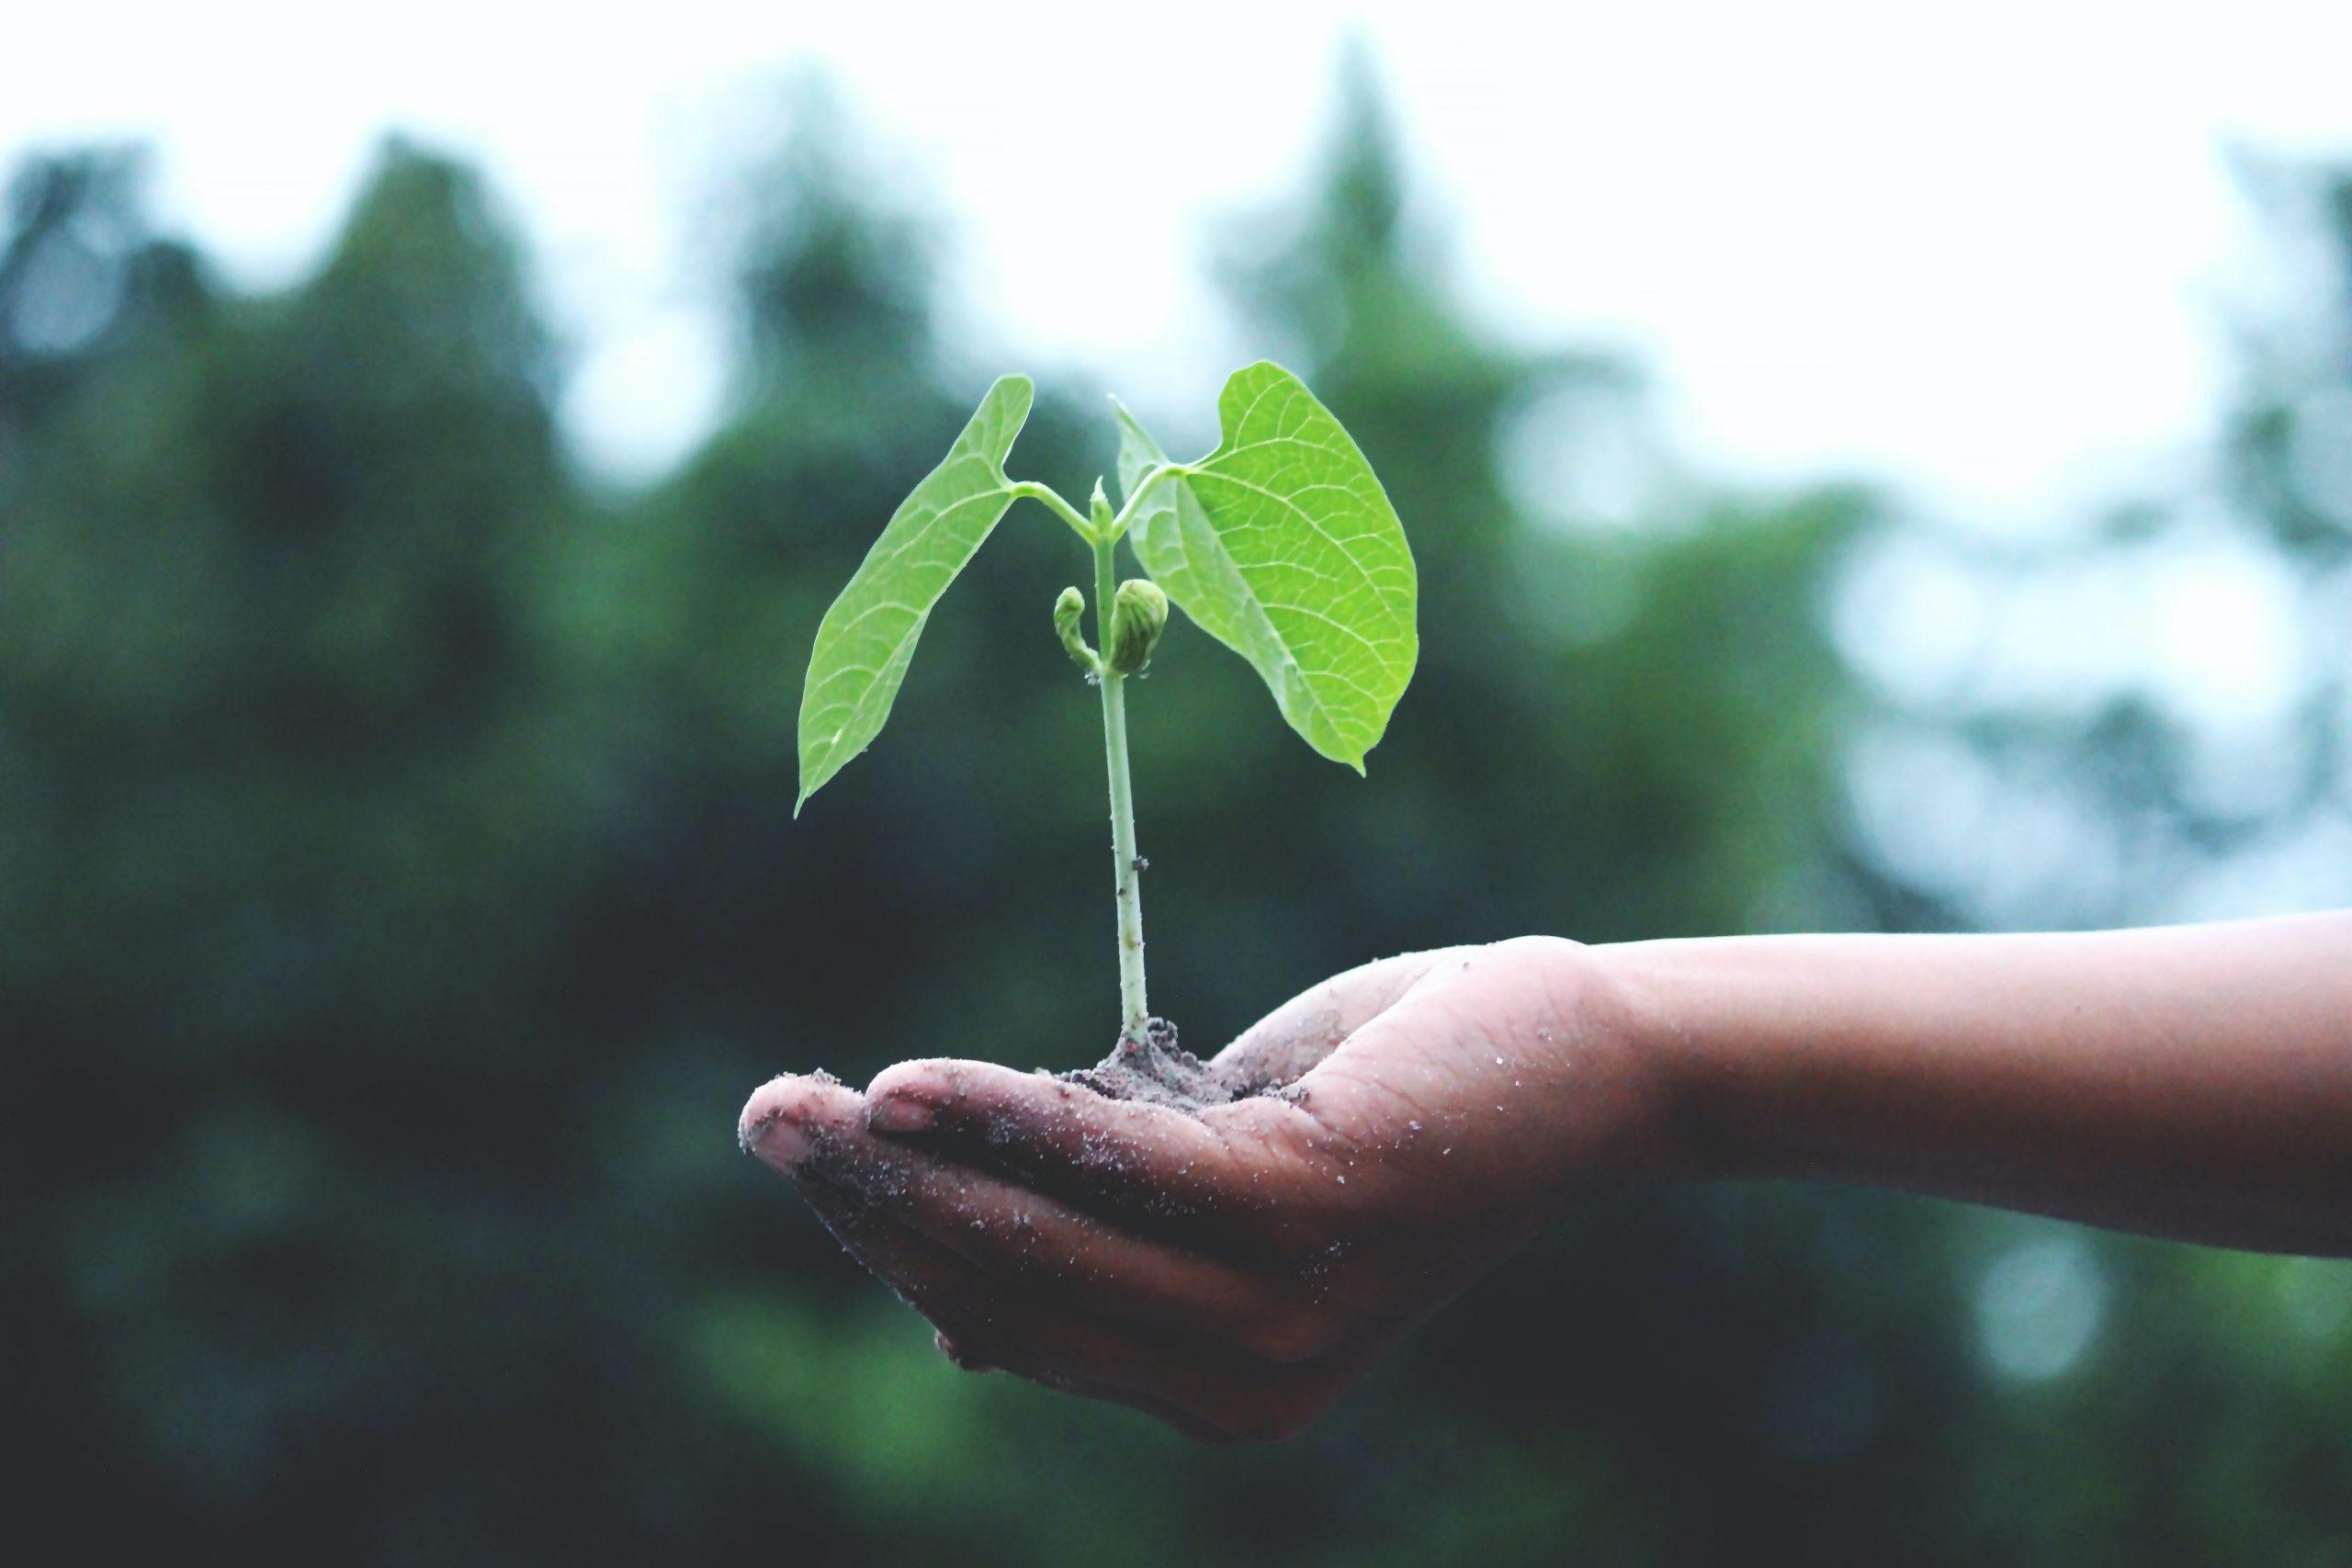 Opción agricultura ecológica: ya es hora de dejar de ingerir agroquímicos